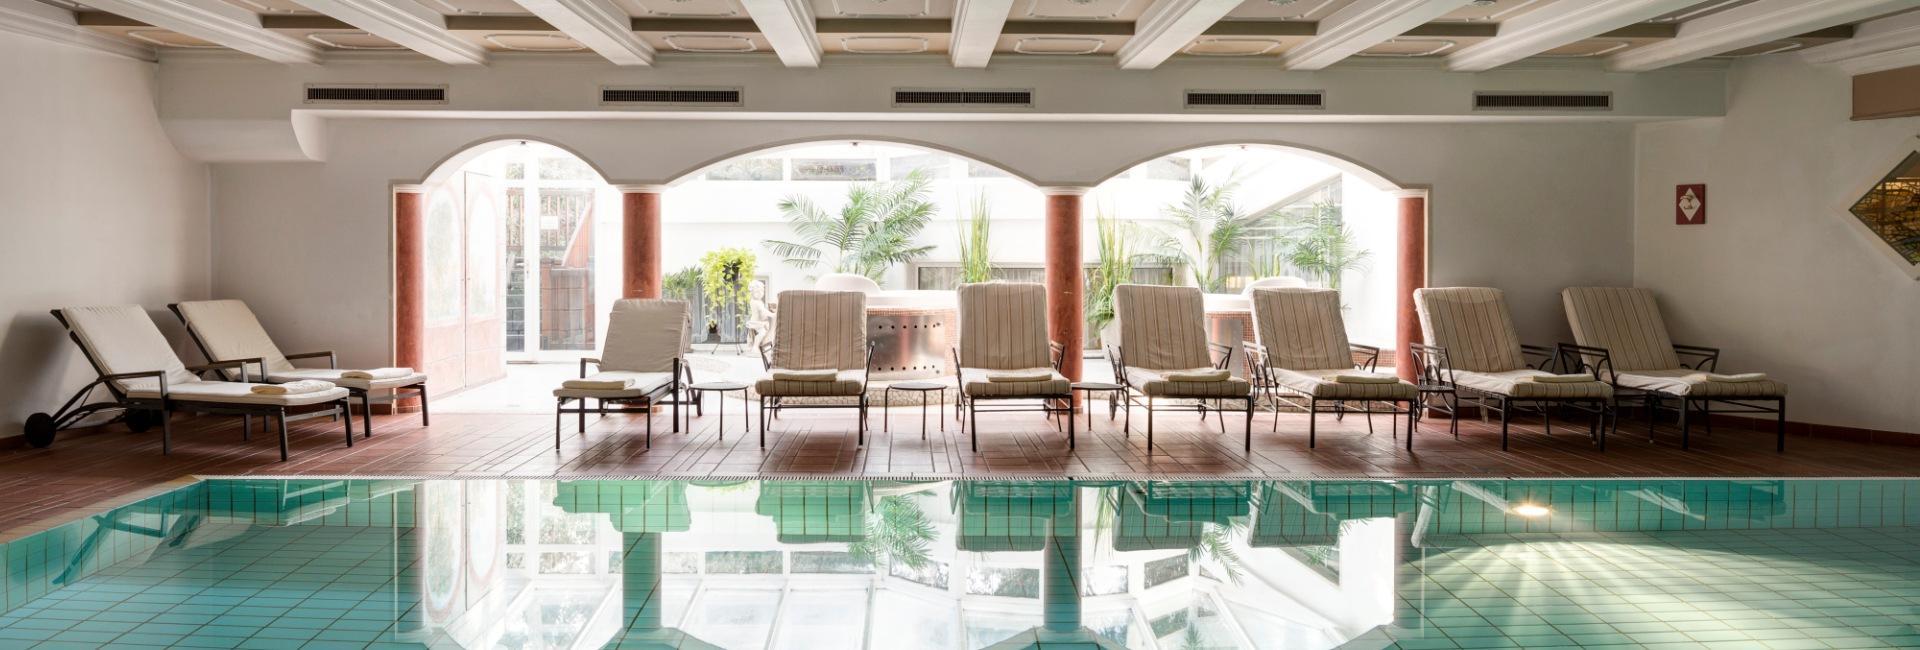 Indoor pool at Hotel Castel Rundegg in Merano